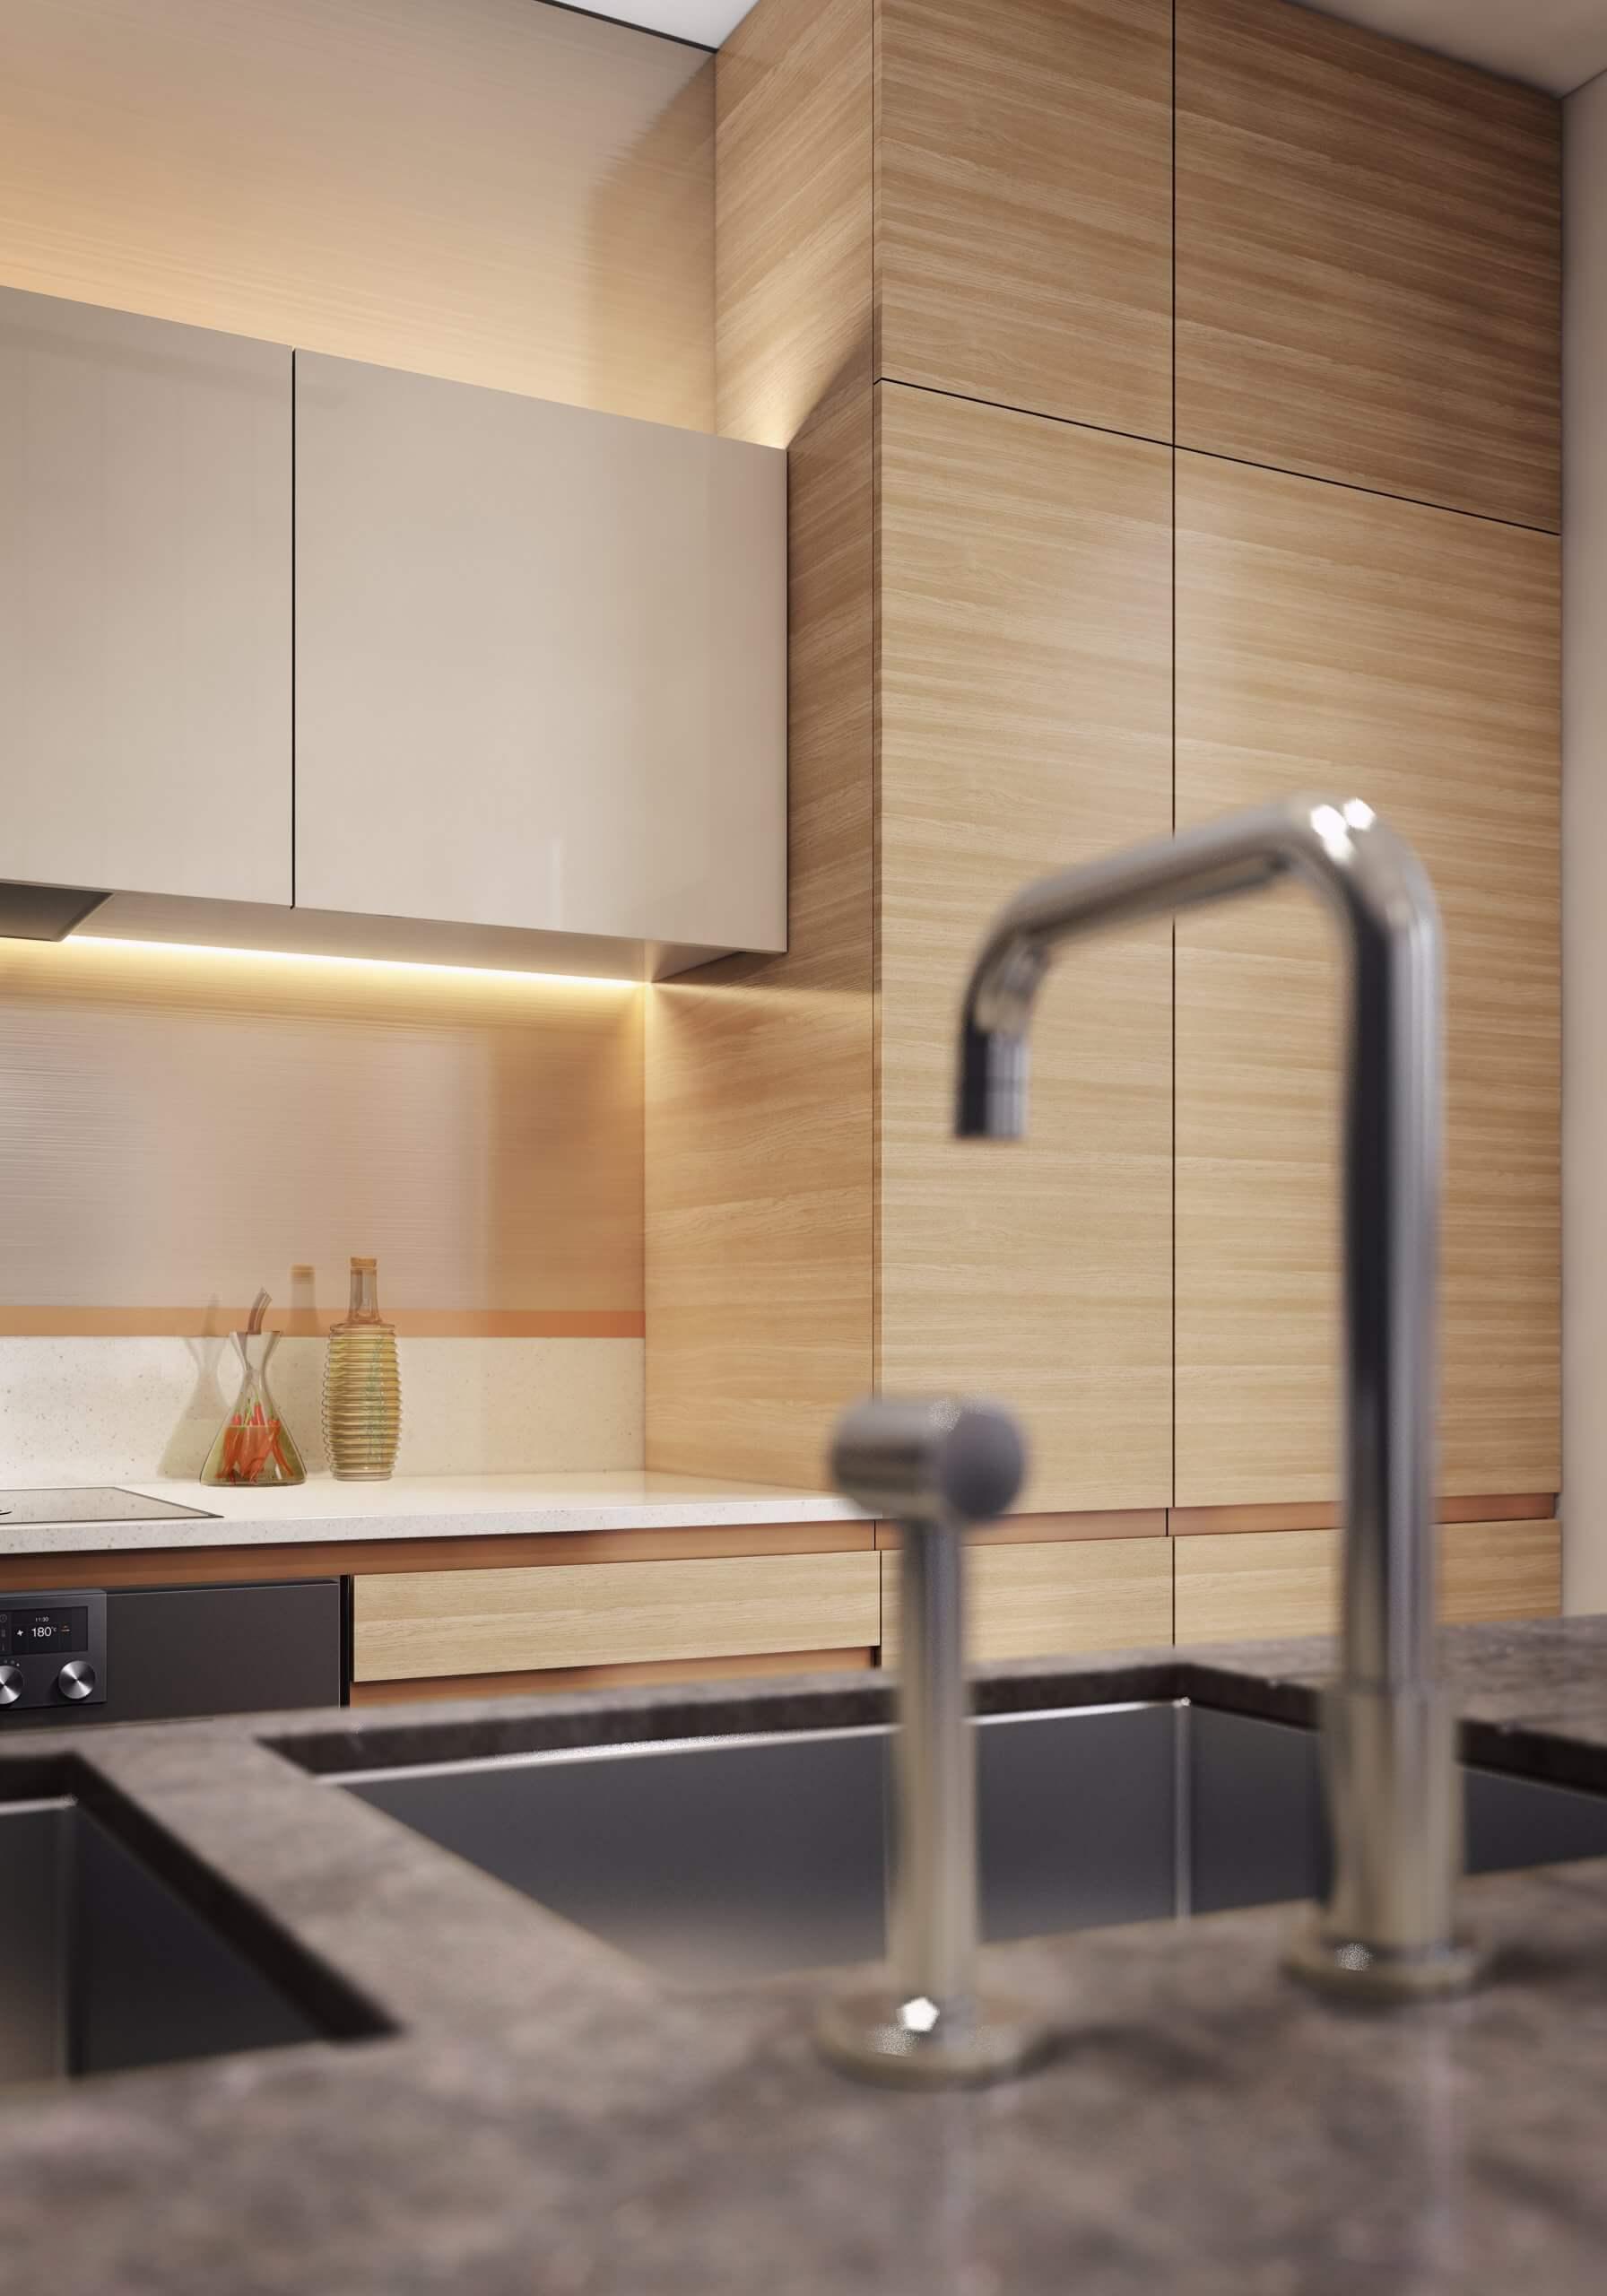 BZ001-R01-Kitchen-C03_01_FeatureShot_01